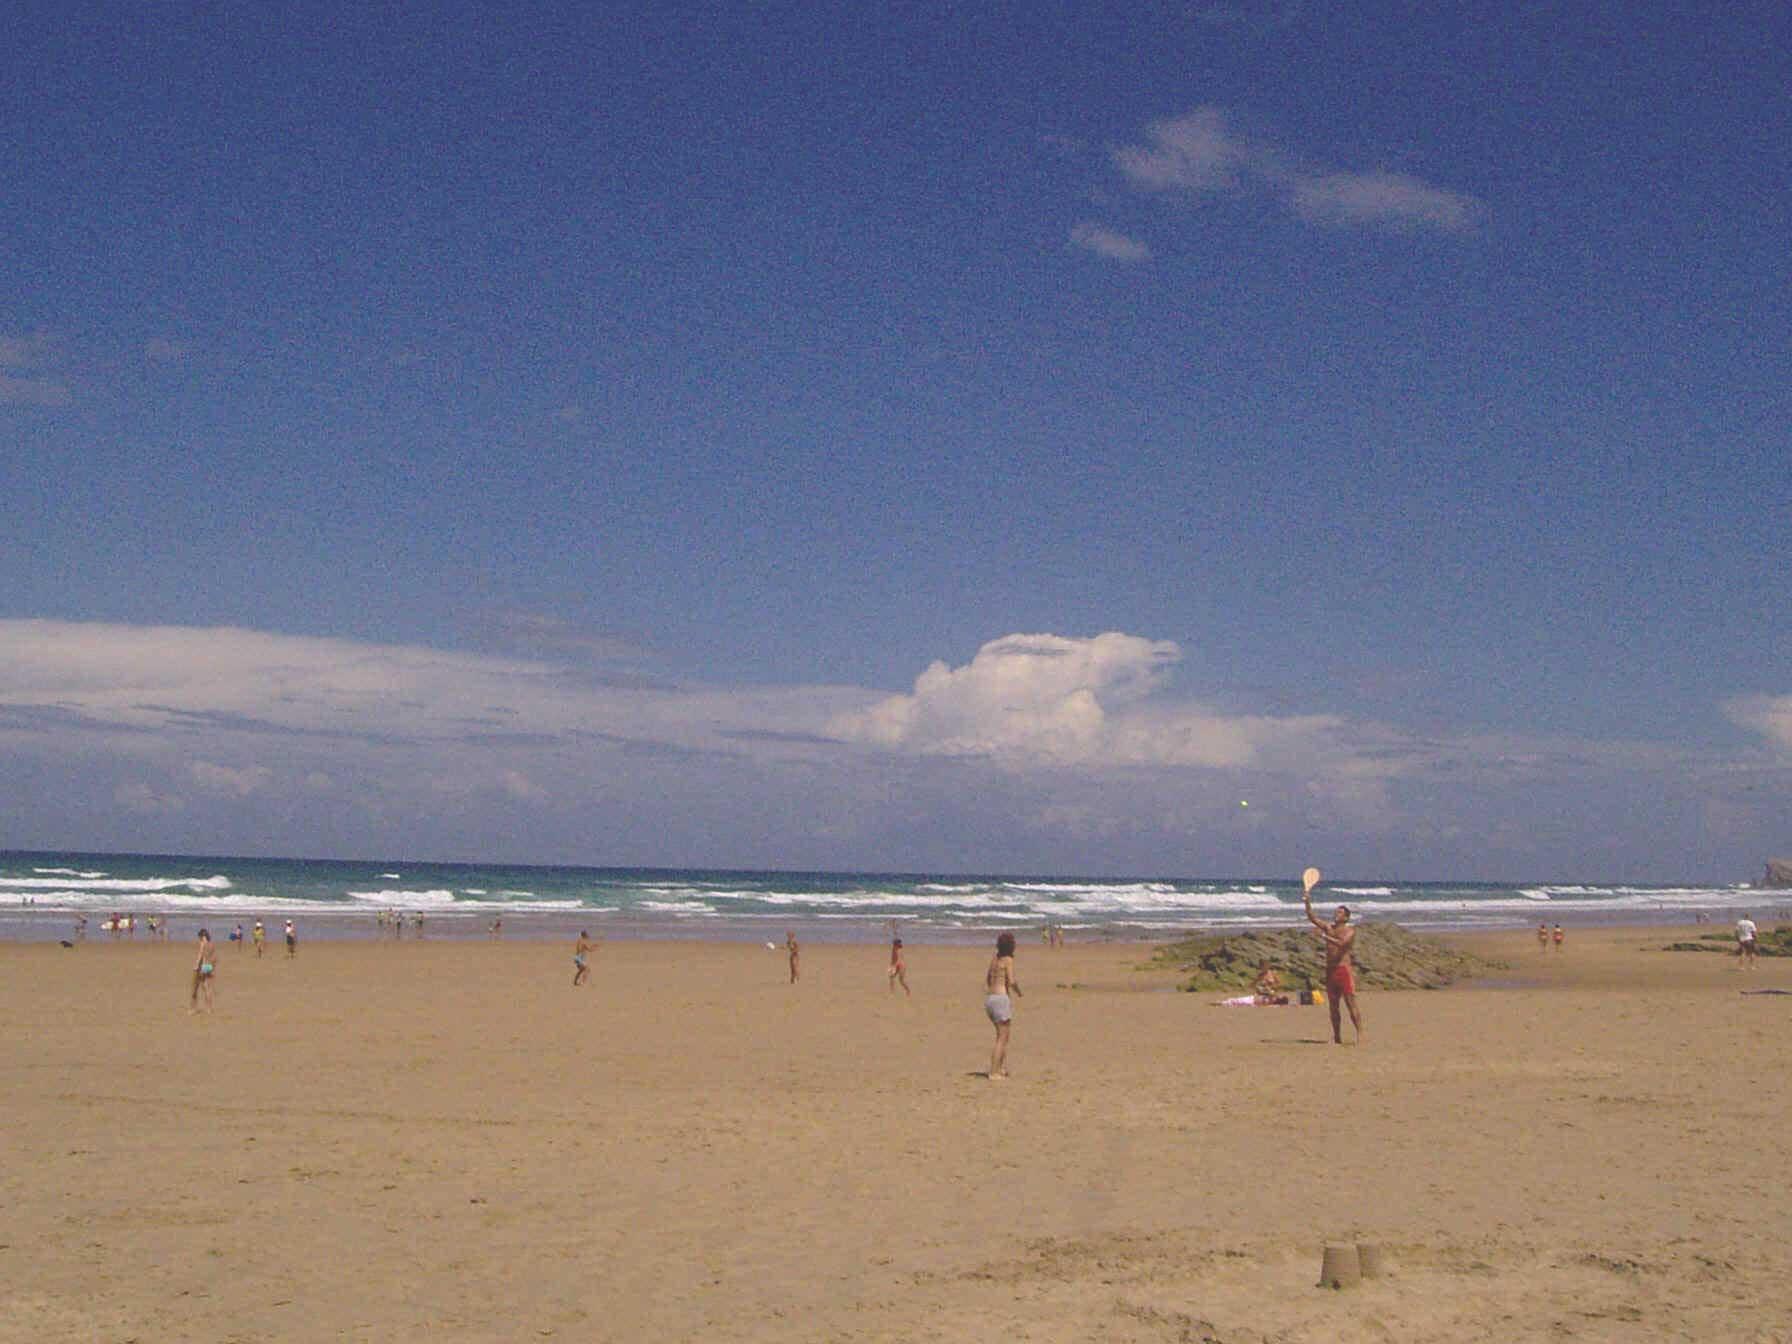 Playa de arenas. Autores: De Mier y Leva